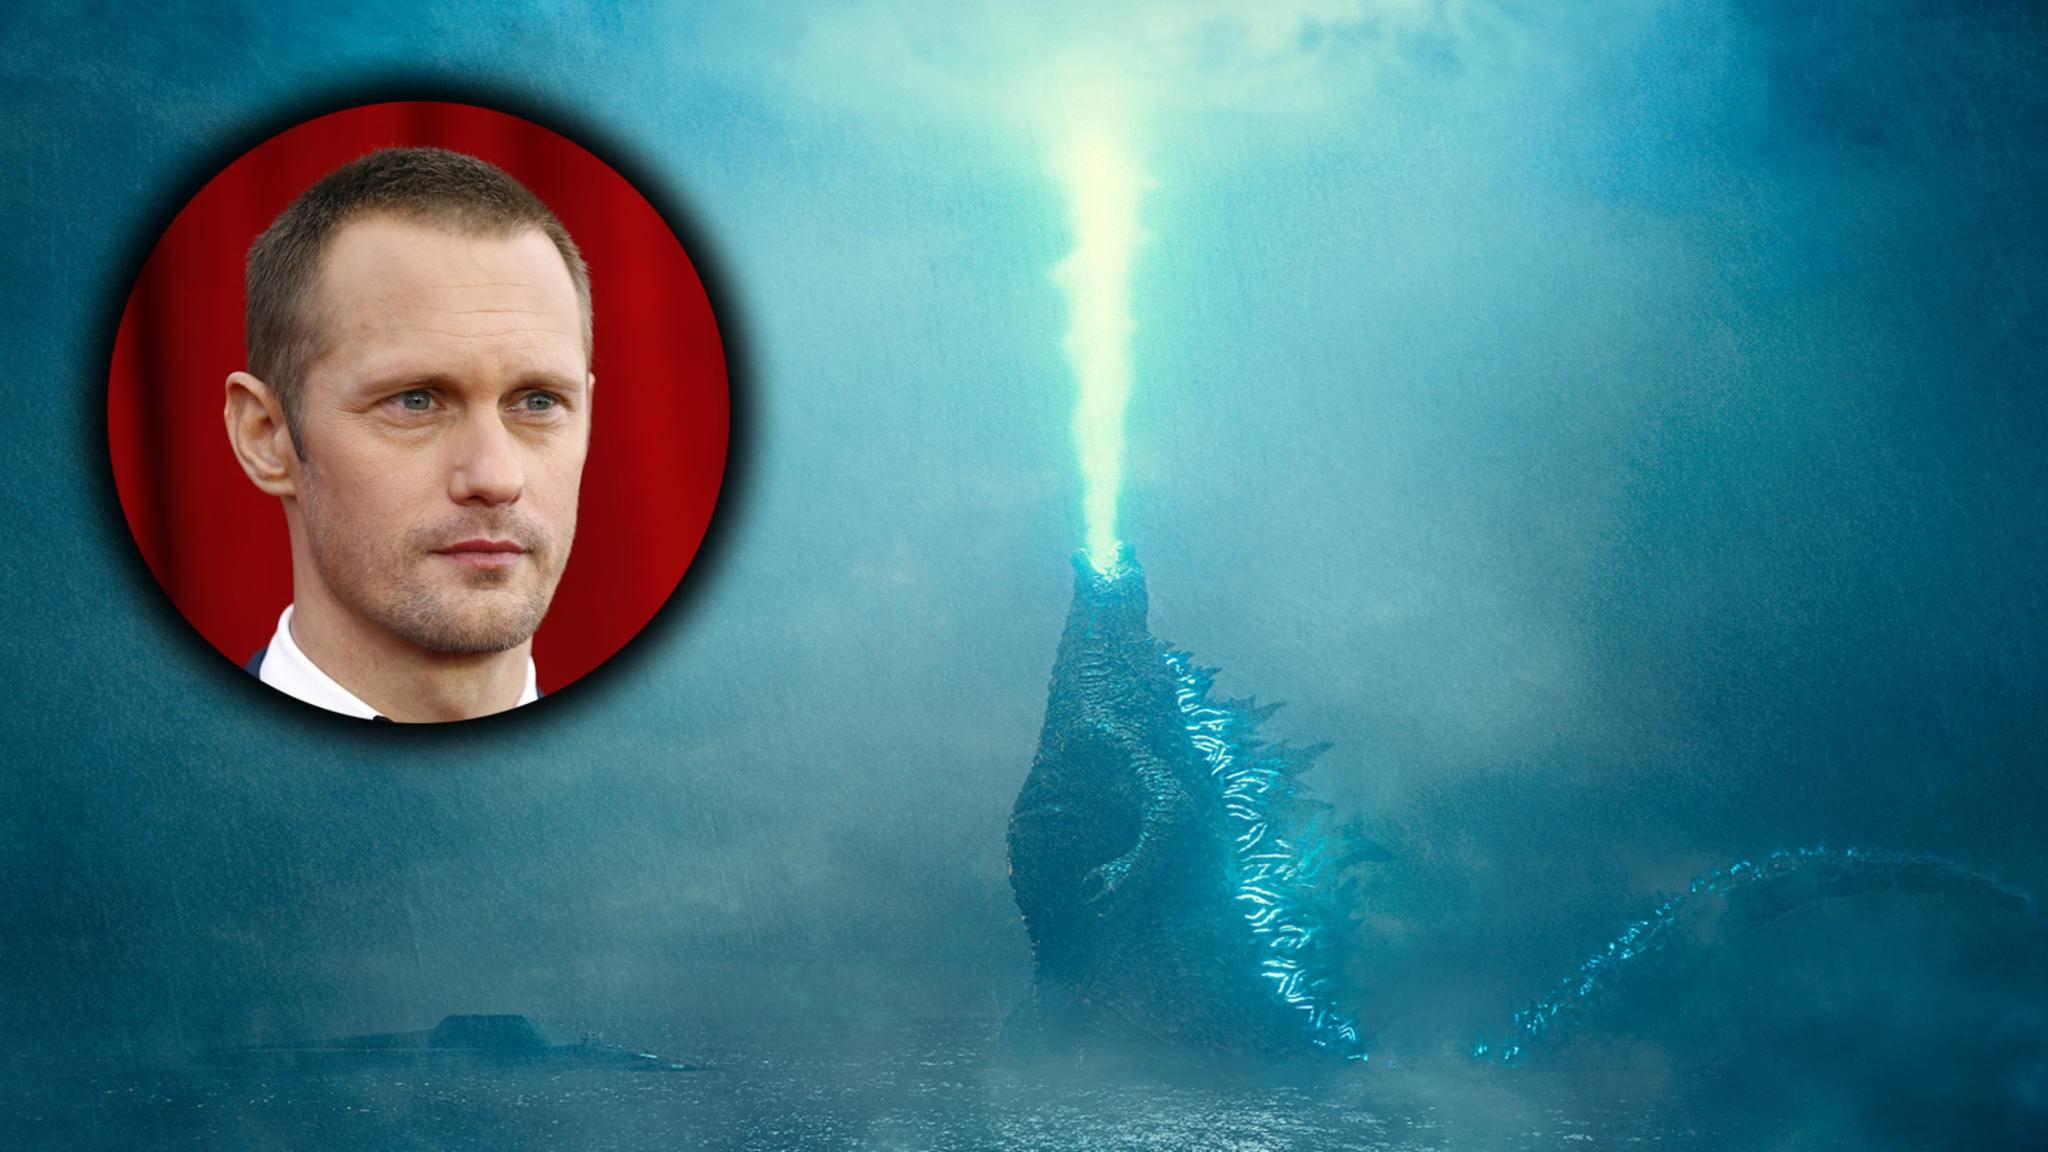 Godzilla macht sich bereit: Bald nimmt er es mit King Kong auf.